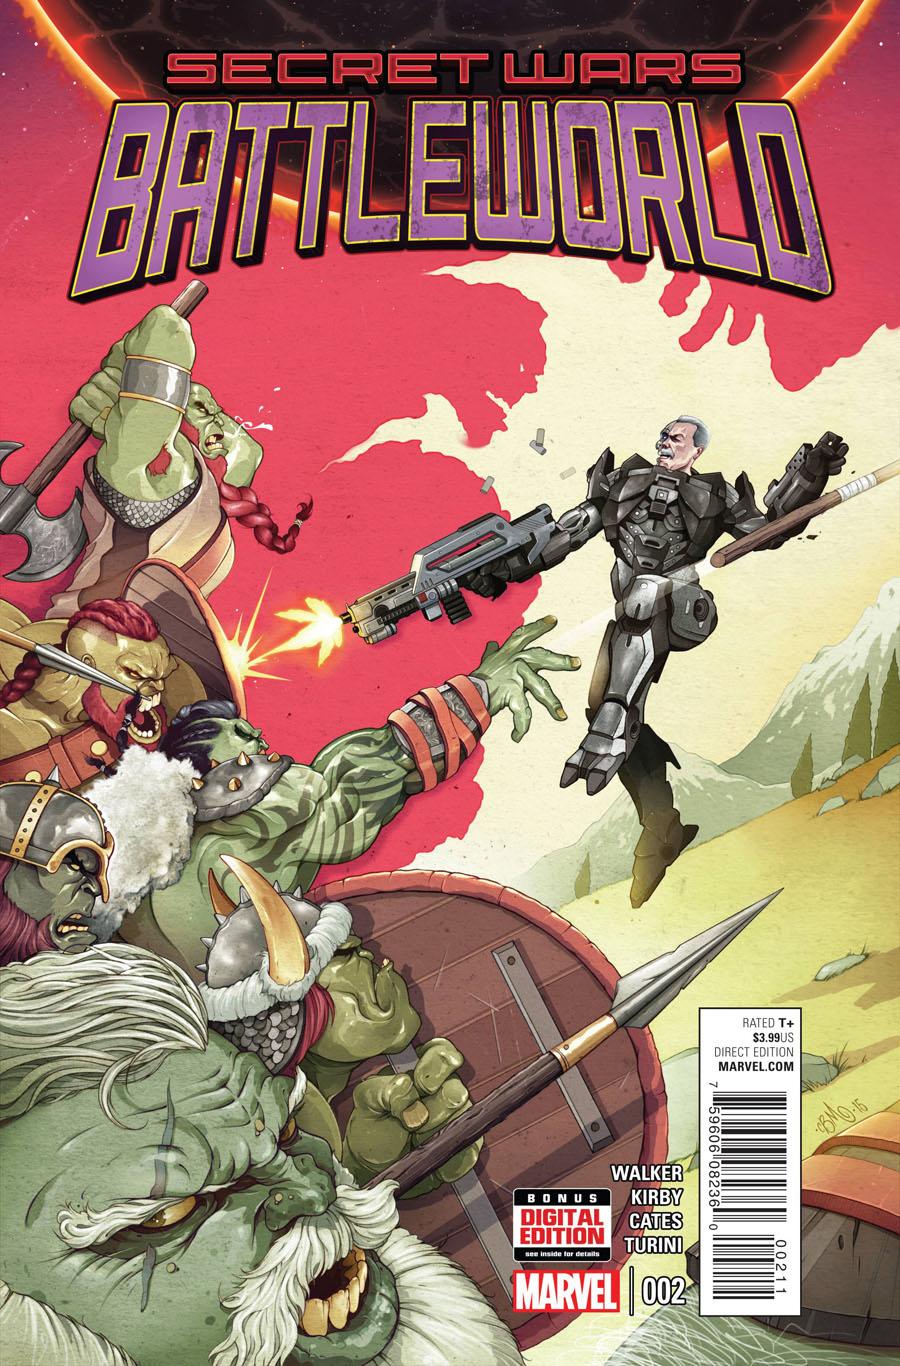 Secret Wars Battleworld #2 Cover A 1st Ptg Regular Chris B Murray Cover